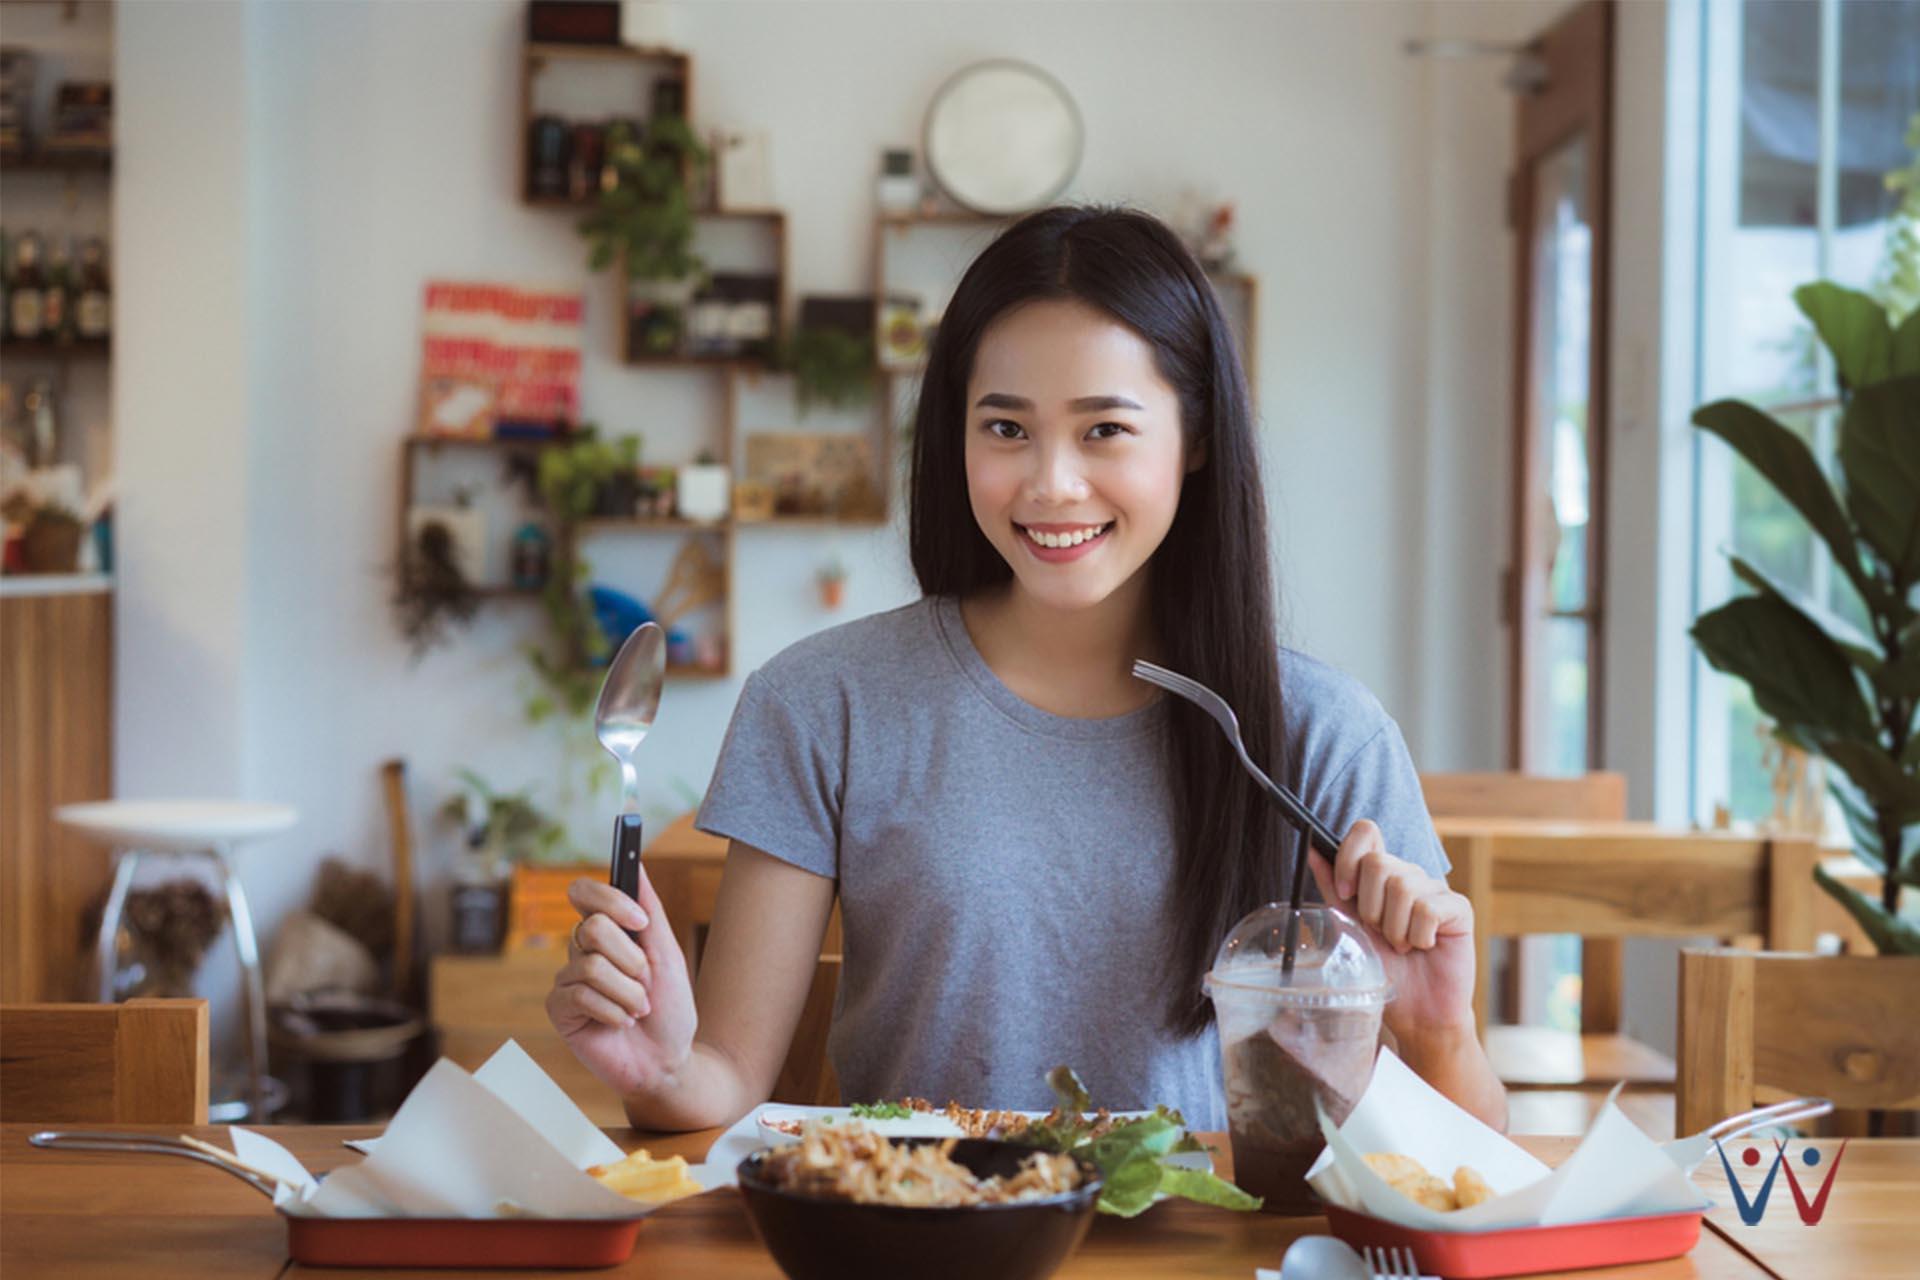 tips bisnis kuliner - work from home - kerja di rumah - kerja dari rumah - remote working - 4